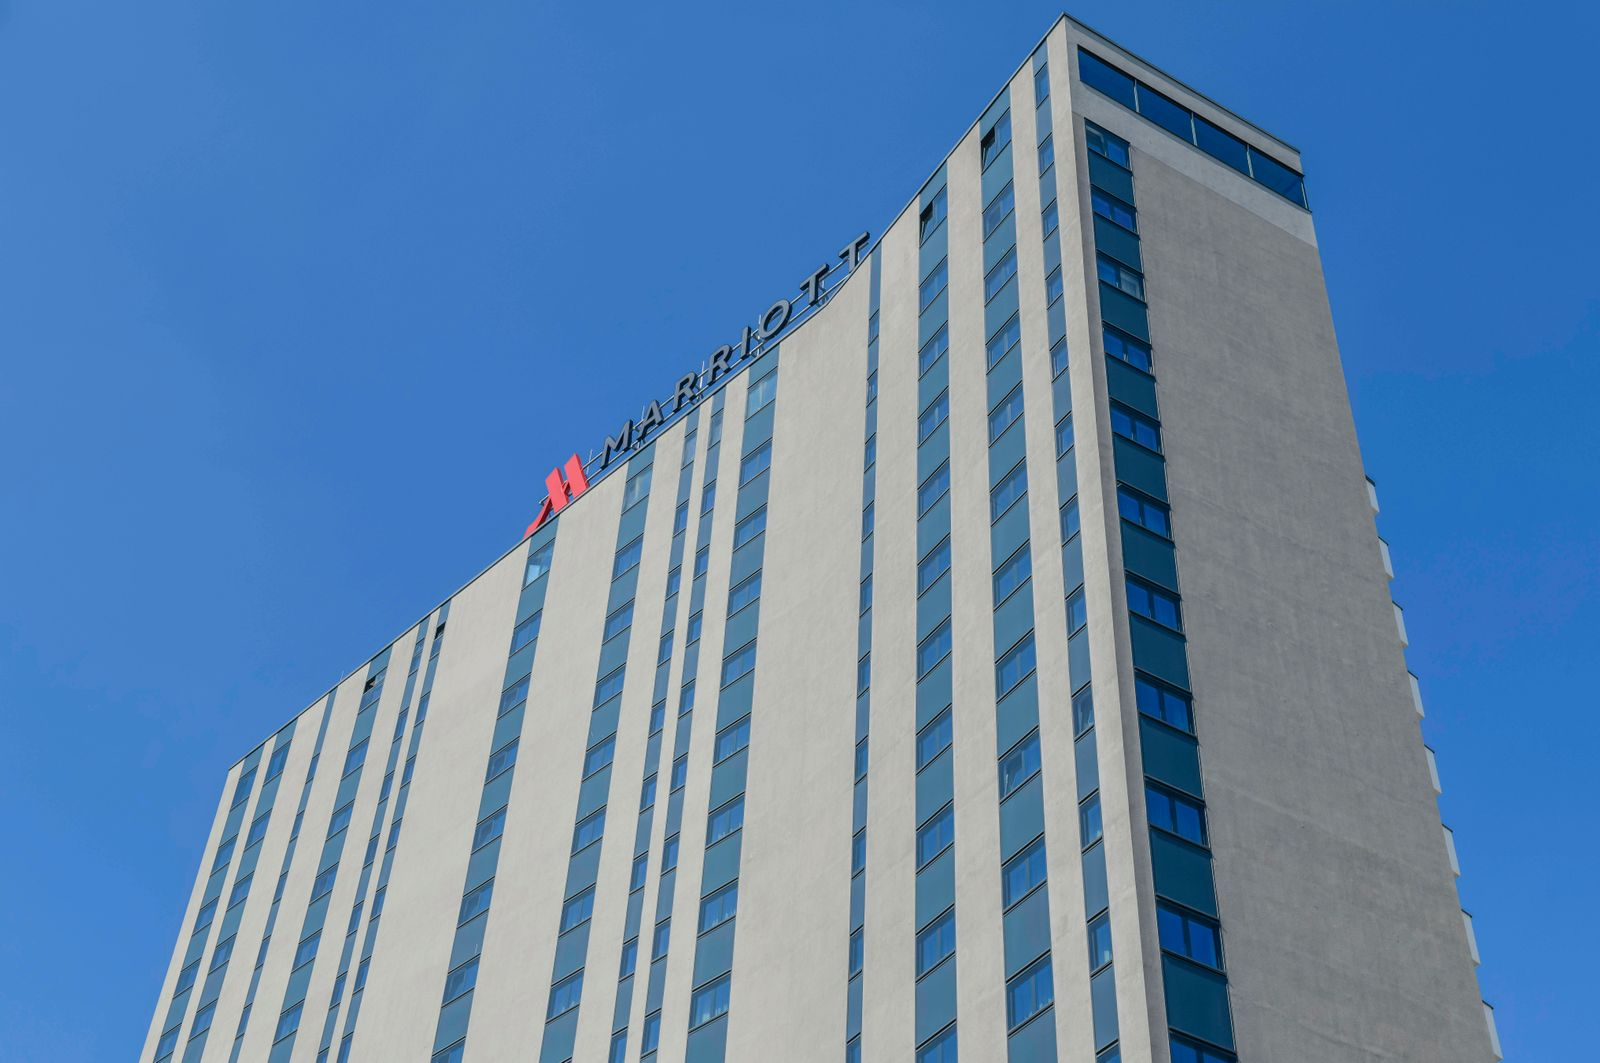 Marriott Hotel Platz der Vereinten Nationen Bonn Nordrhein Westfalen Deutschland *** Marriott Ho